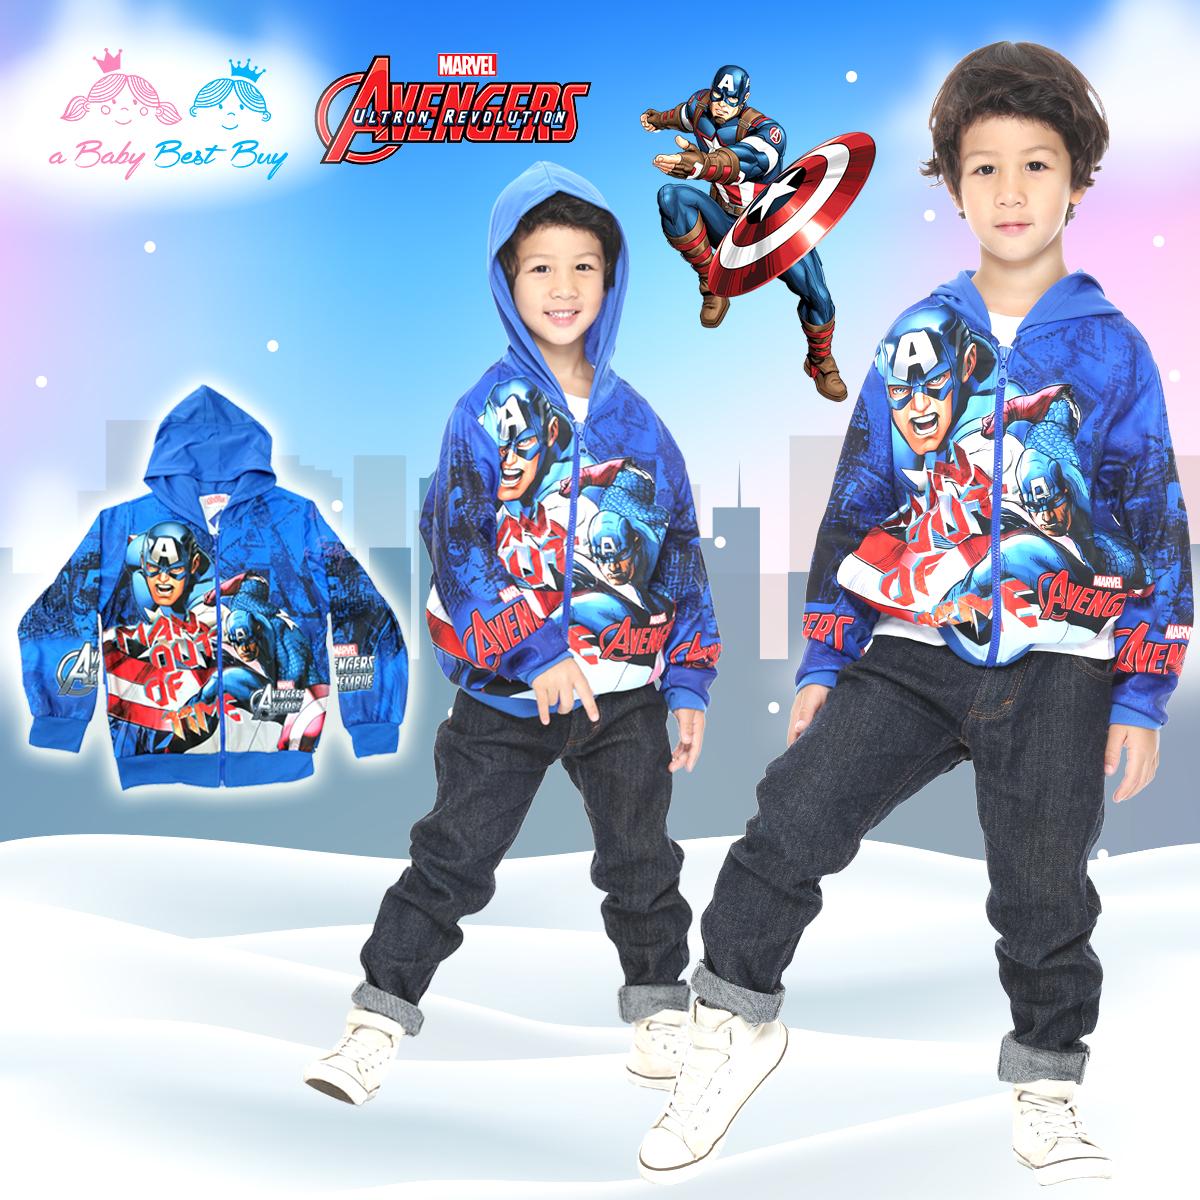 """"""" ( S-M-L-XL ) เสื้อแจ็คเก็ต เสื้อกันหนาว เด็กผู้ชาย เสื้อกันหนาวเด็ก Super Hero Captain America สีน้ำเงิน รูดซิป มีหมวก(ฮู้ด) ใส่คลุมกันหนาว กันแดด สุดเท่ห์ ใส่สบาย ลิขสิทธิ์แท้ (ไซส์ S-M-L-XL )"""